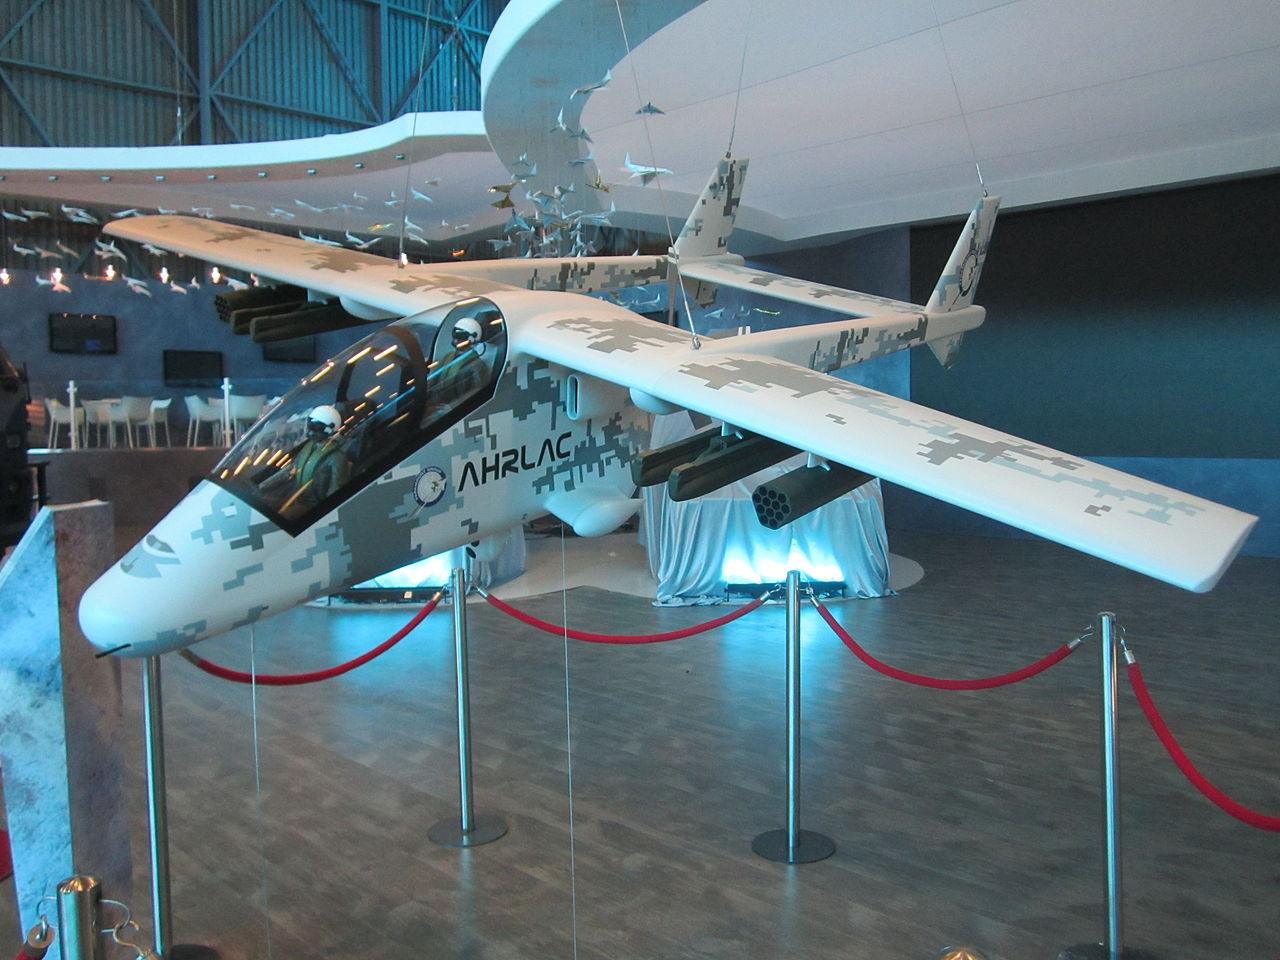 AHRLAC فكرة تستحق الاحترام 1280px-Aerosud_AHRLAC